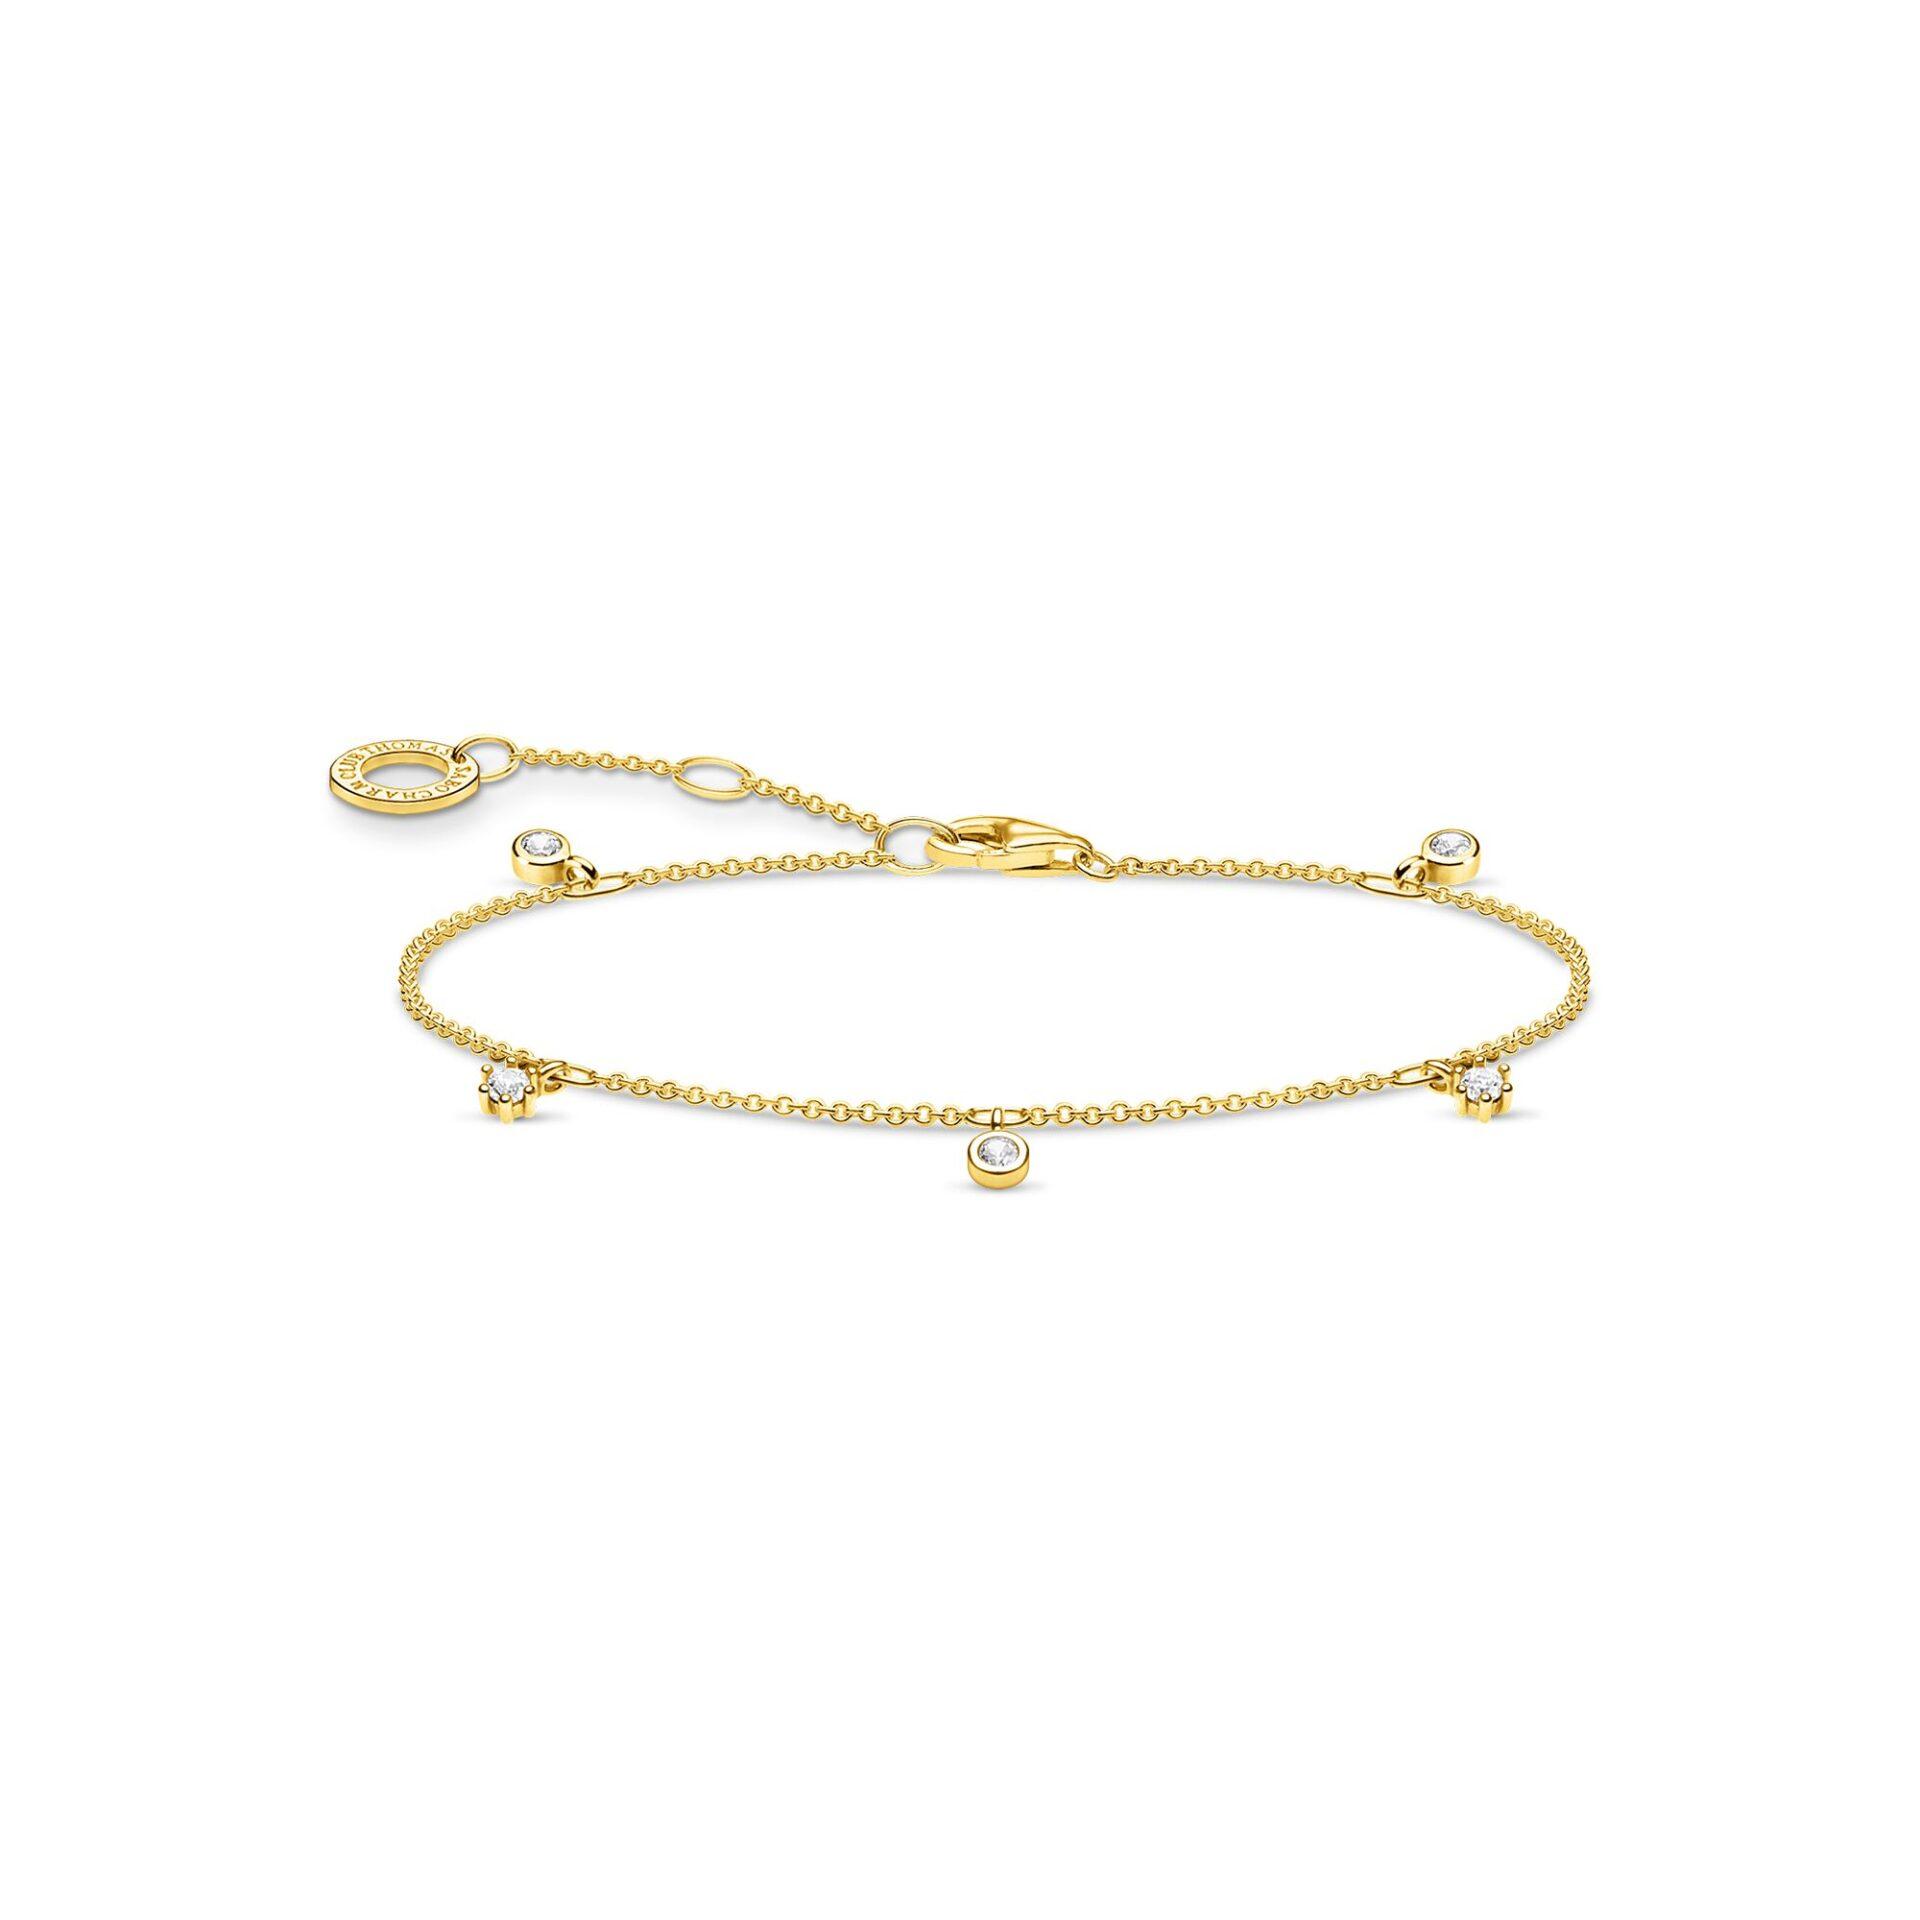 Bracelet blanche pierres or, Thomas Sabo